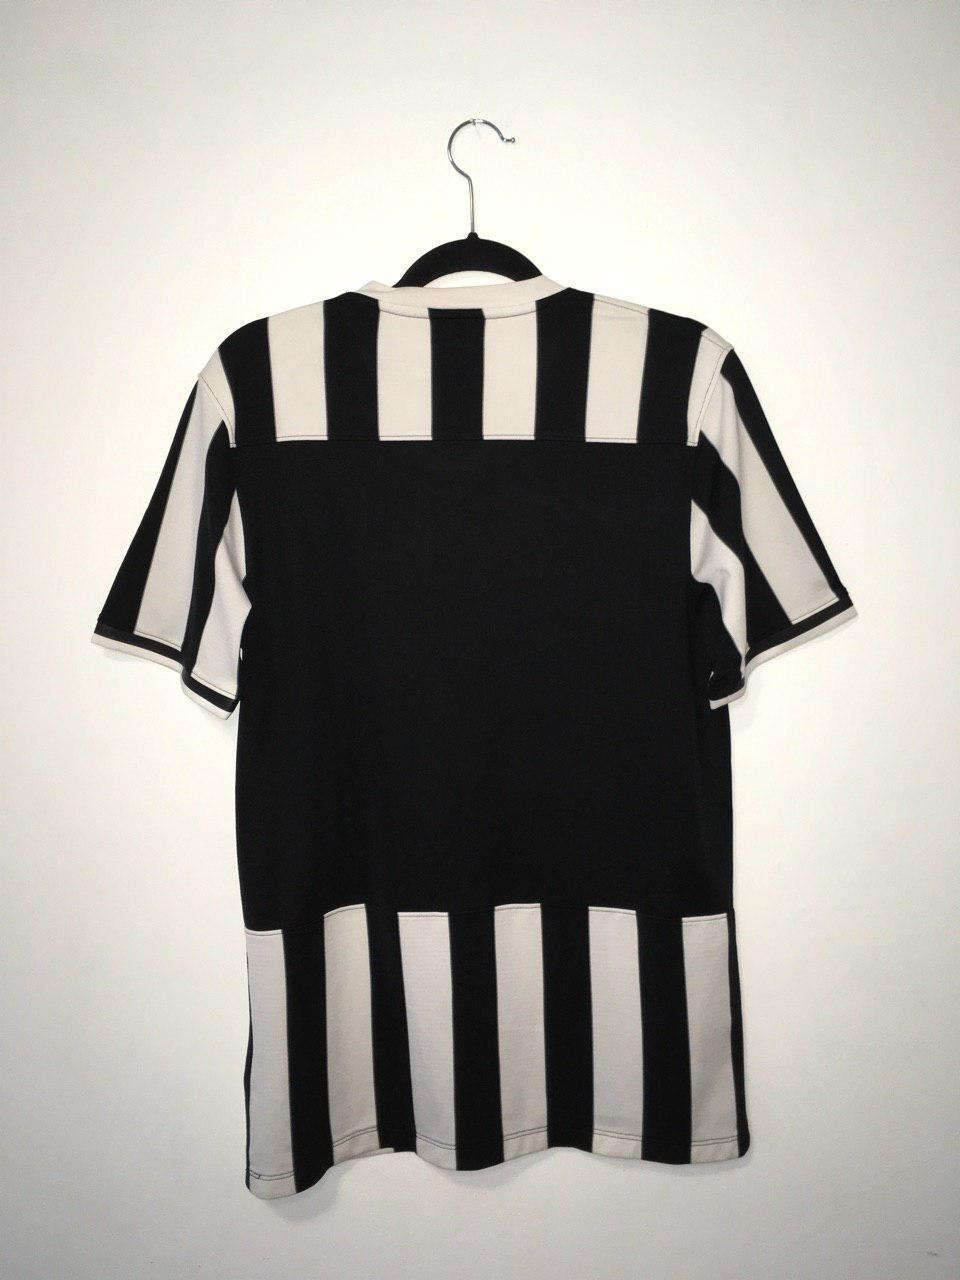 f4d6114122b Juventus Home maglia di calcio 2013 - 2014. Sponsored by Jeep